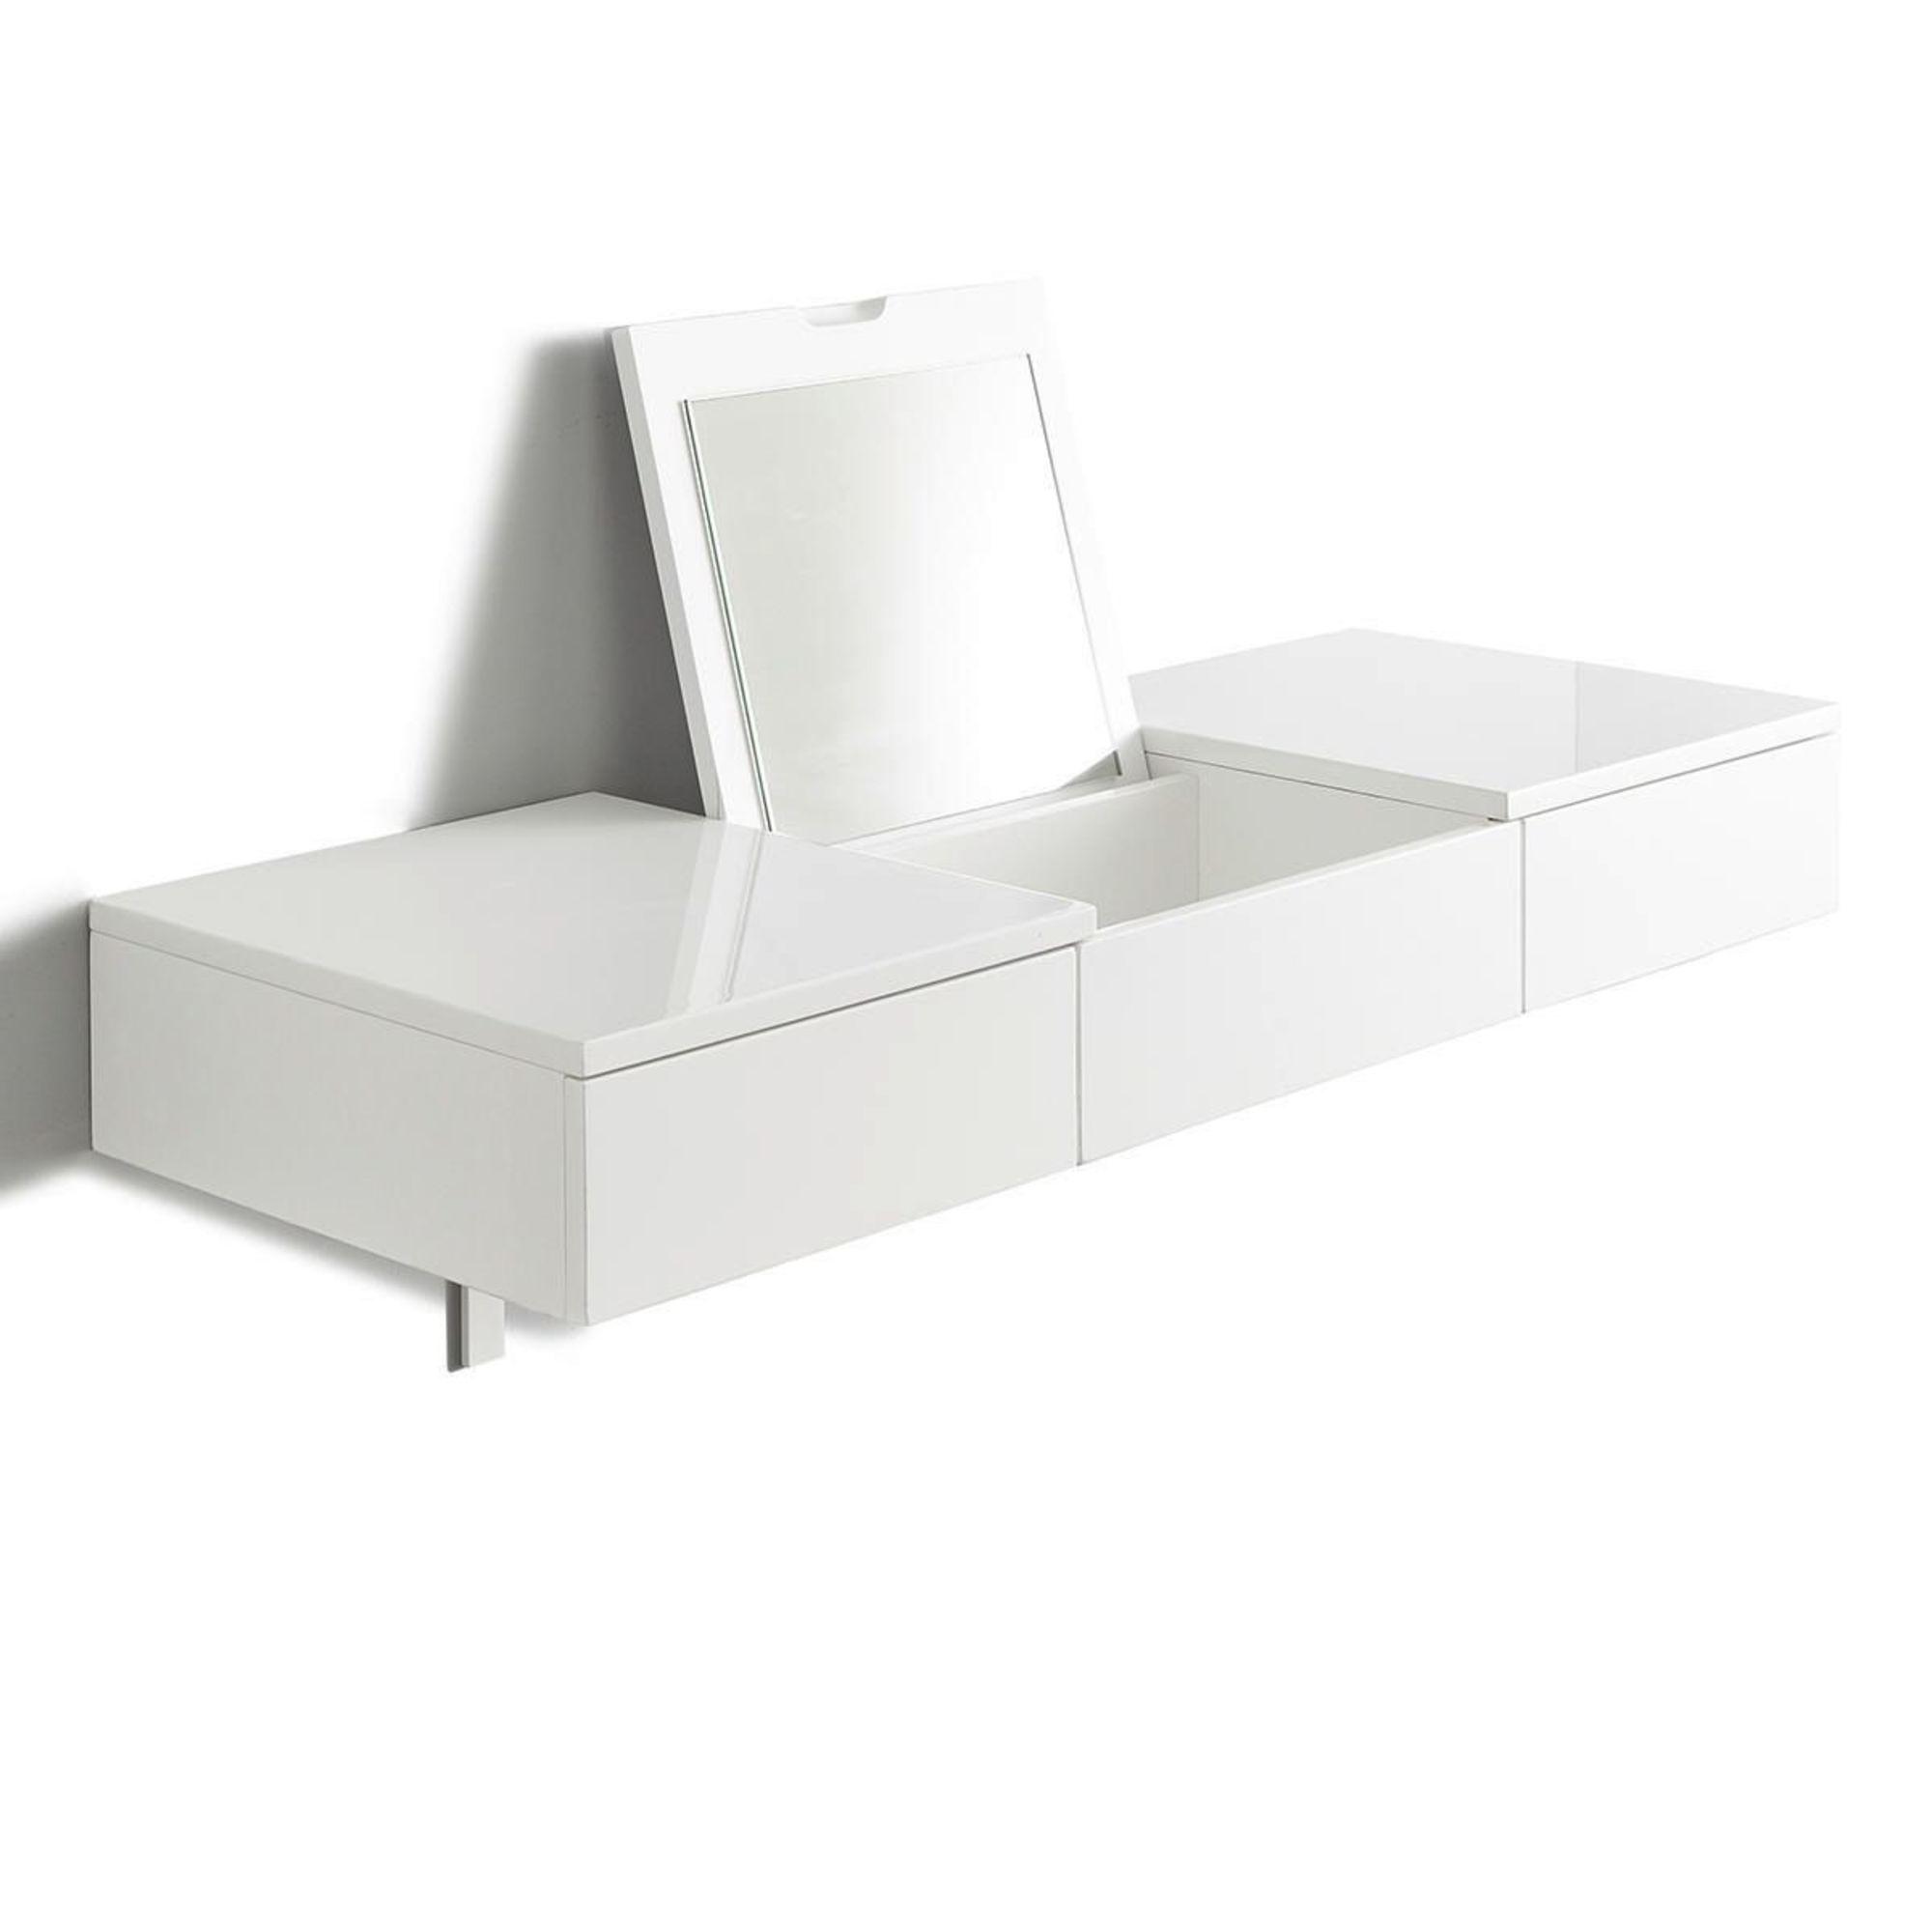 schminktisch wandkonsole mit spiegel in wei zur wandmontage mit klappdeckel ebay. Black Bedroom Furniture Sets. Home Design Ideas